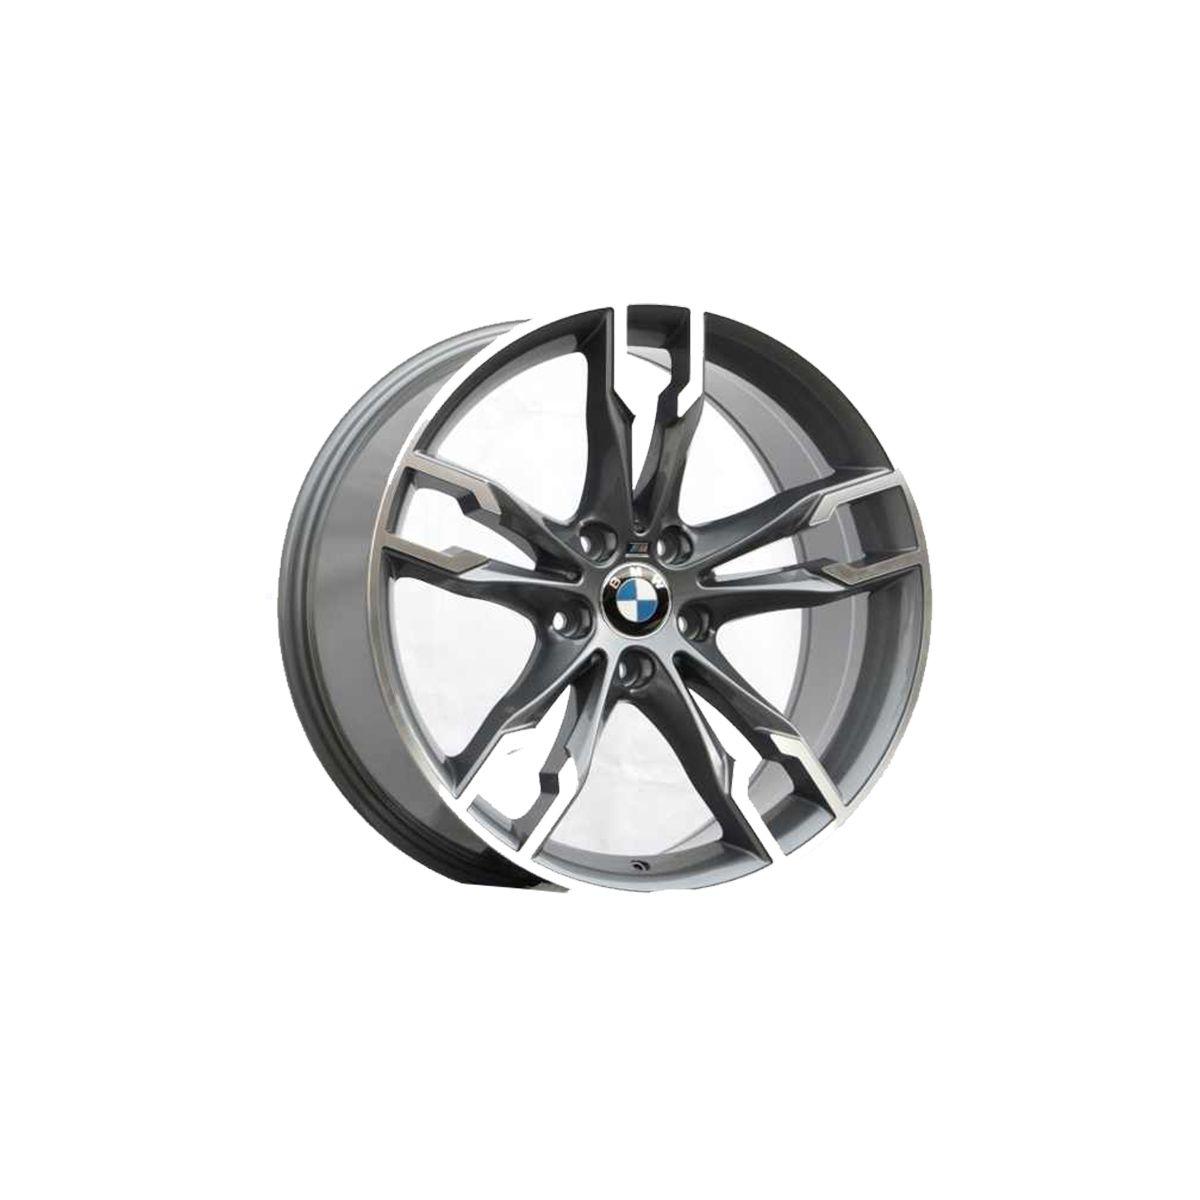 Jogo de Rodas Aro 19 BMW M5 BD